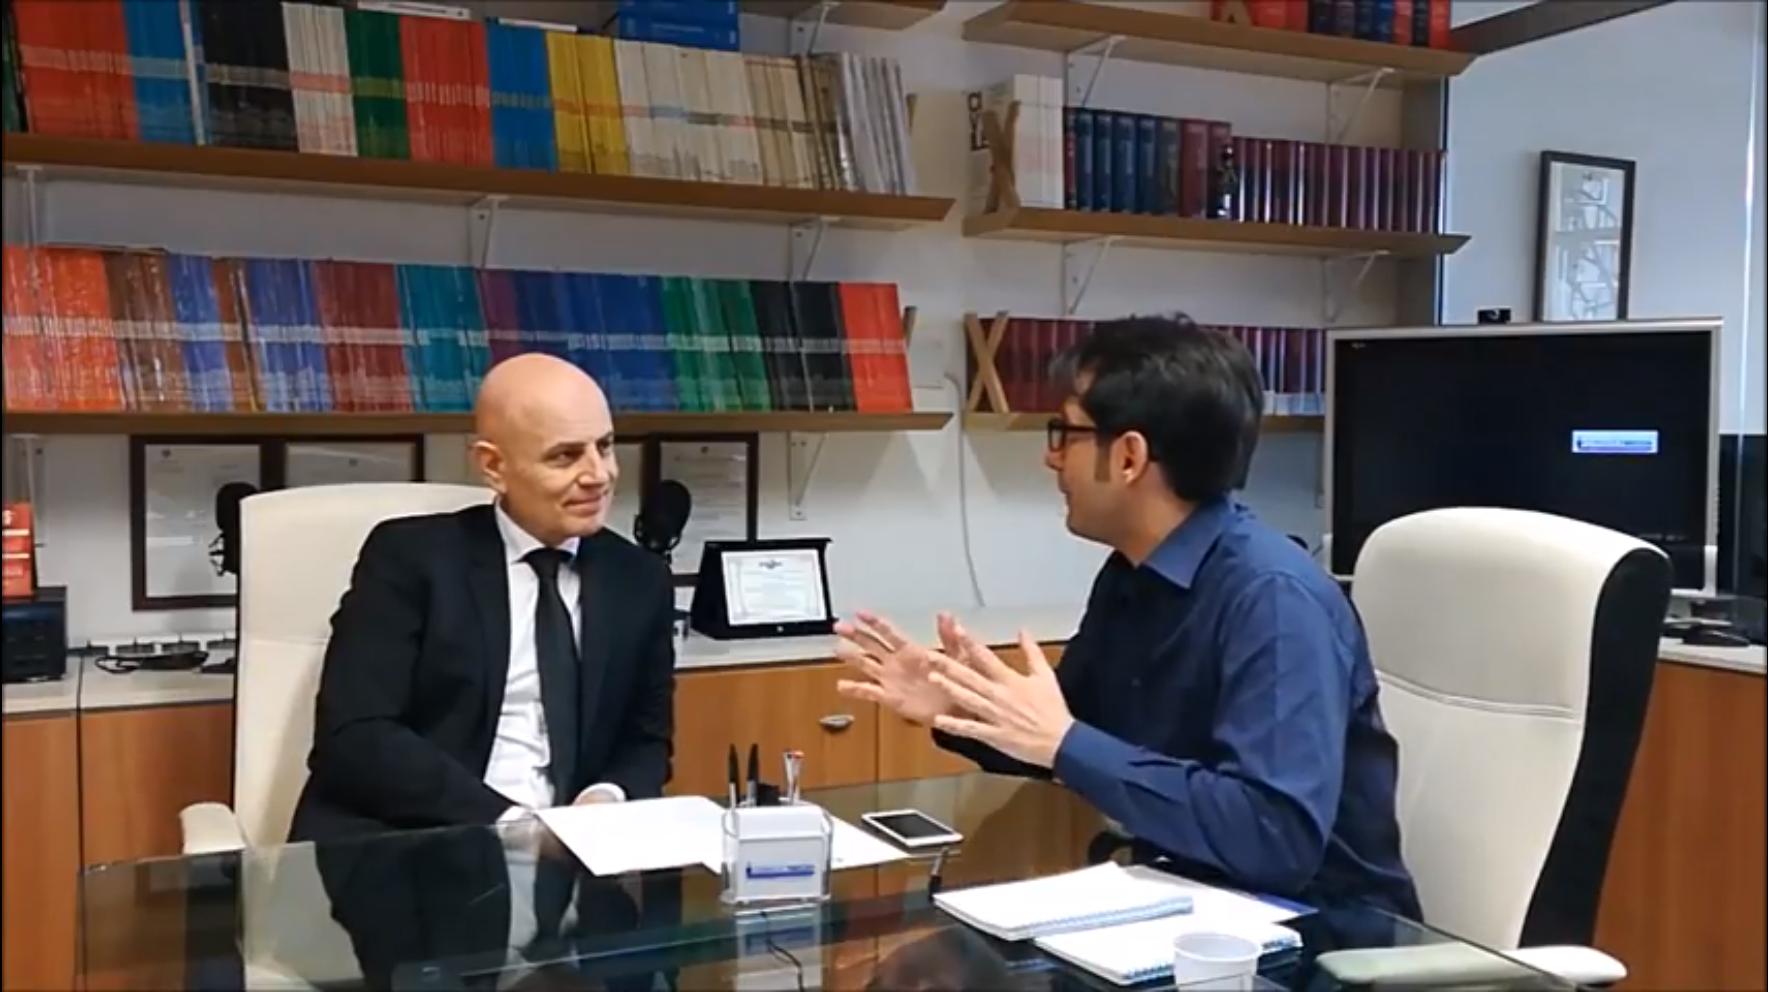 Massimo Lualdi e Lorenzo Dardano - Web & Radio. Lorenzo Dardano lancia il nuovo blog rivolto (anche e soprattutto) ai radiofonici. Si parte con una serie di interviste a Lualdi